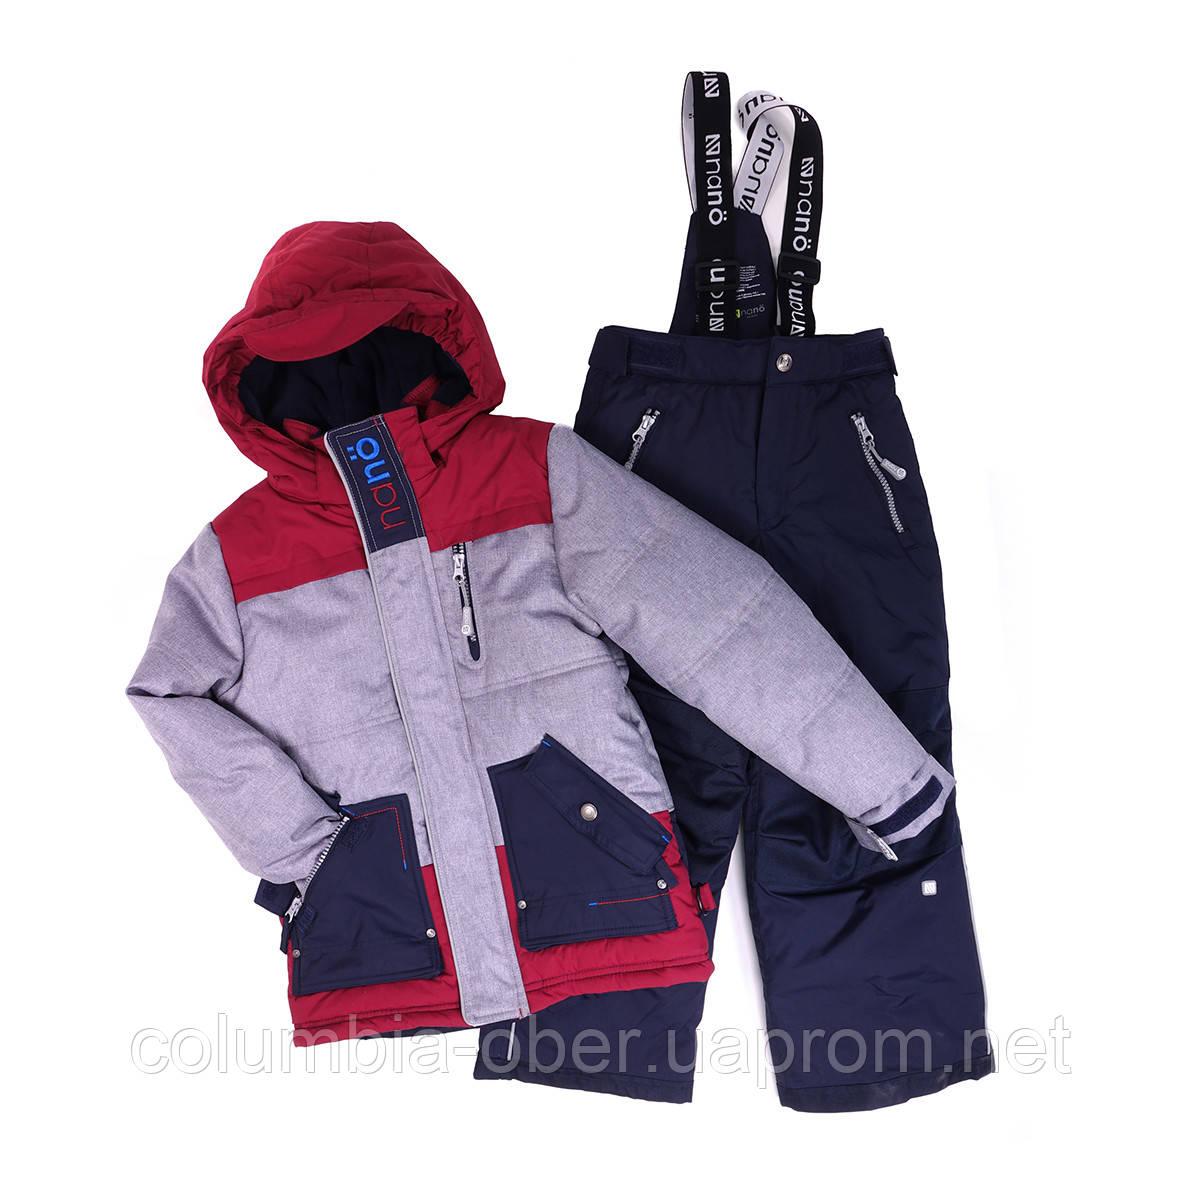 Зимний костюм для мальчика NANO 269 M F16. Размеры  2 - 3Х.